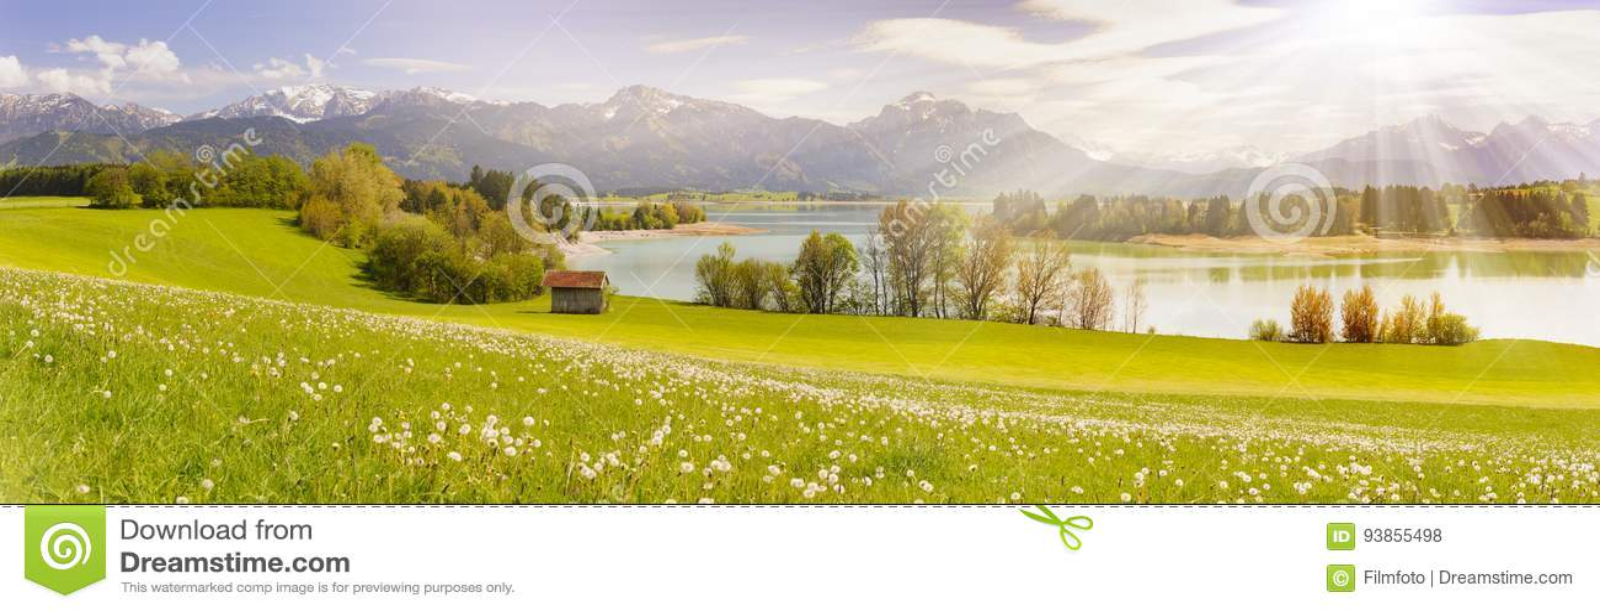 Panoramaplats i Bayern, Tyskland på fjällängberg med solstrålar över sjön